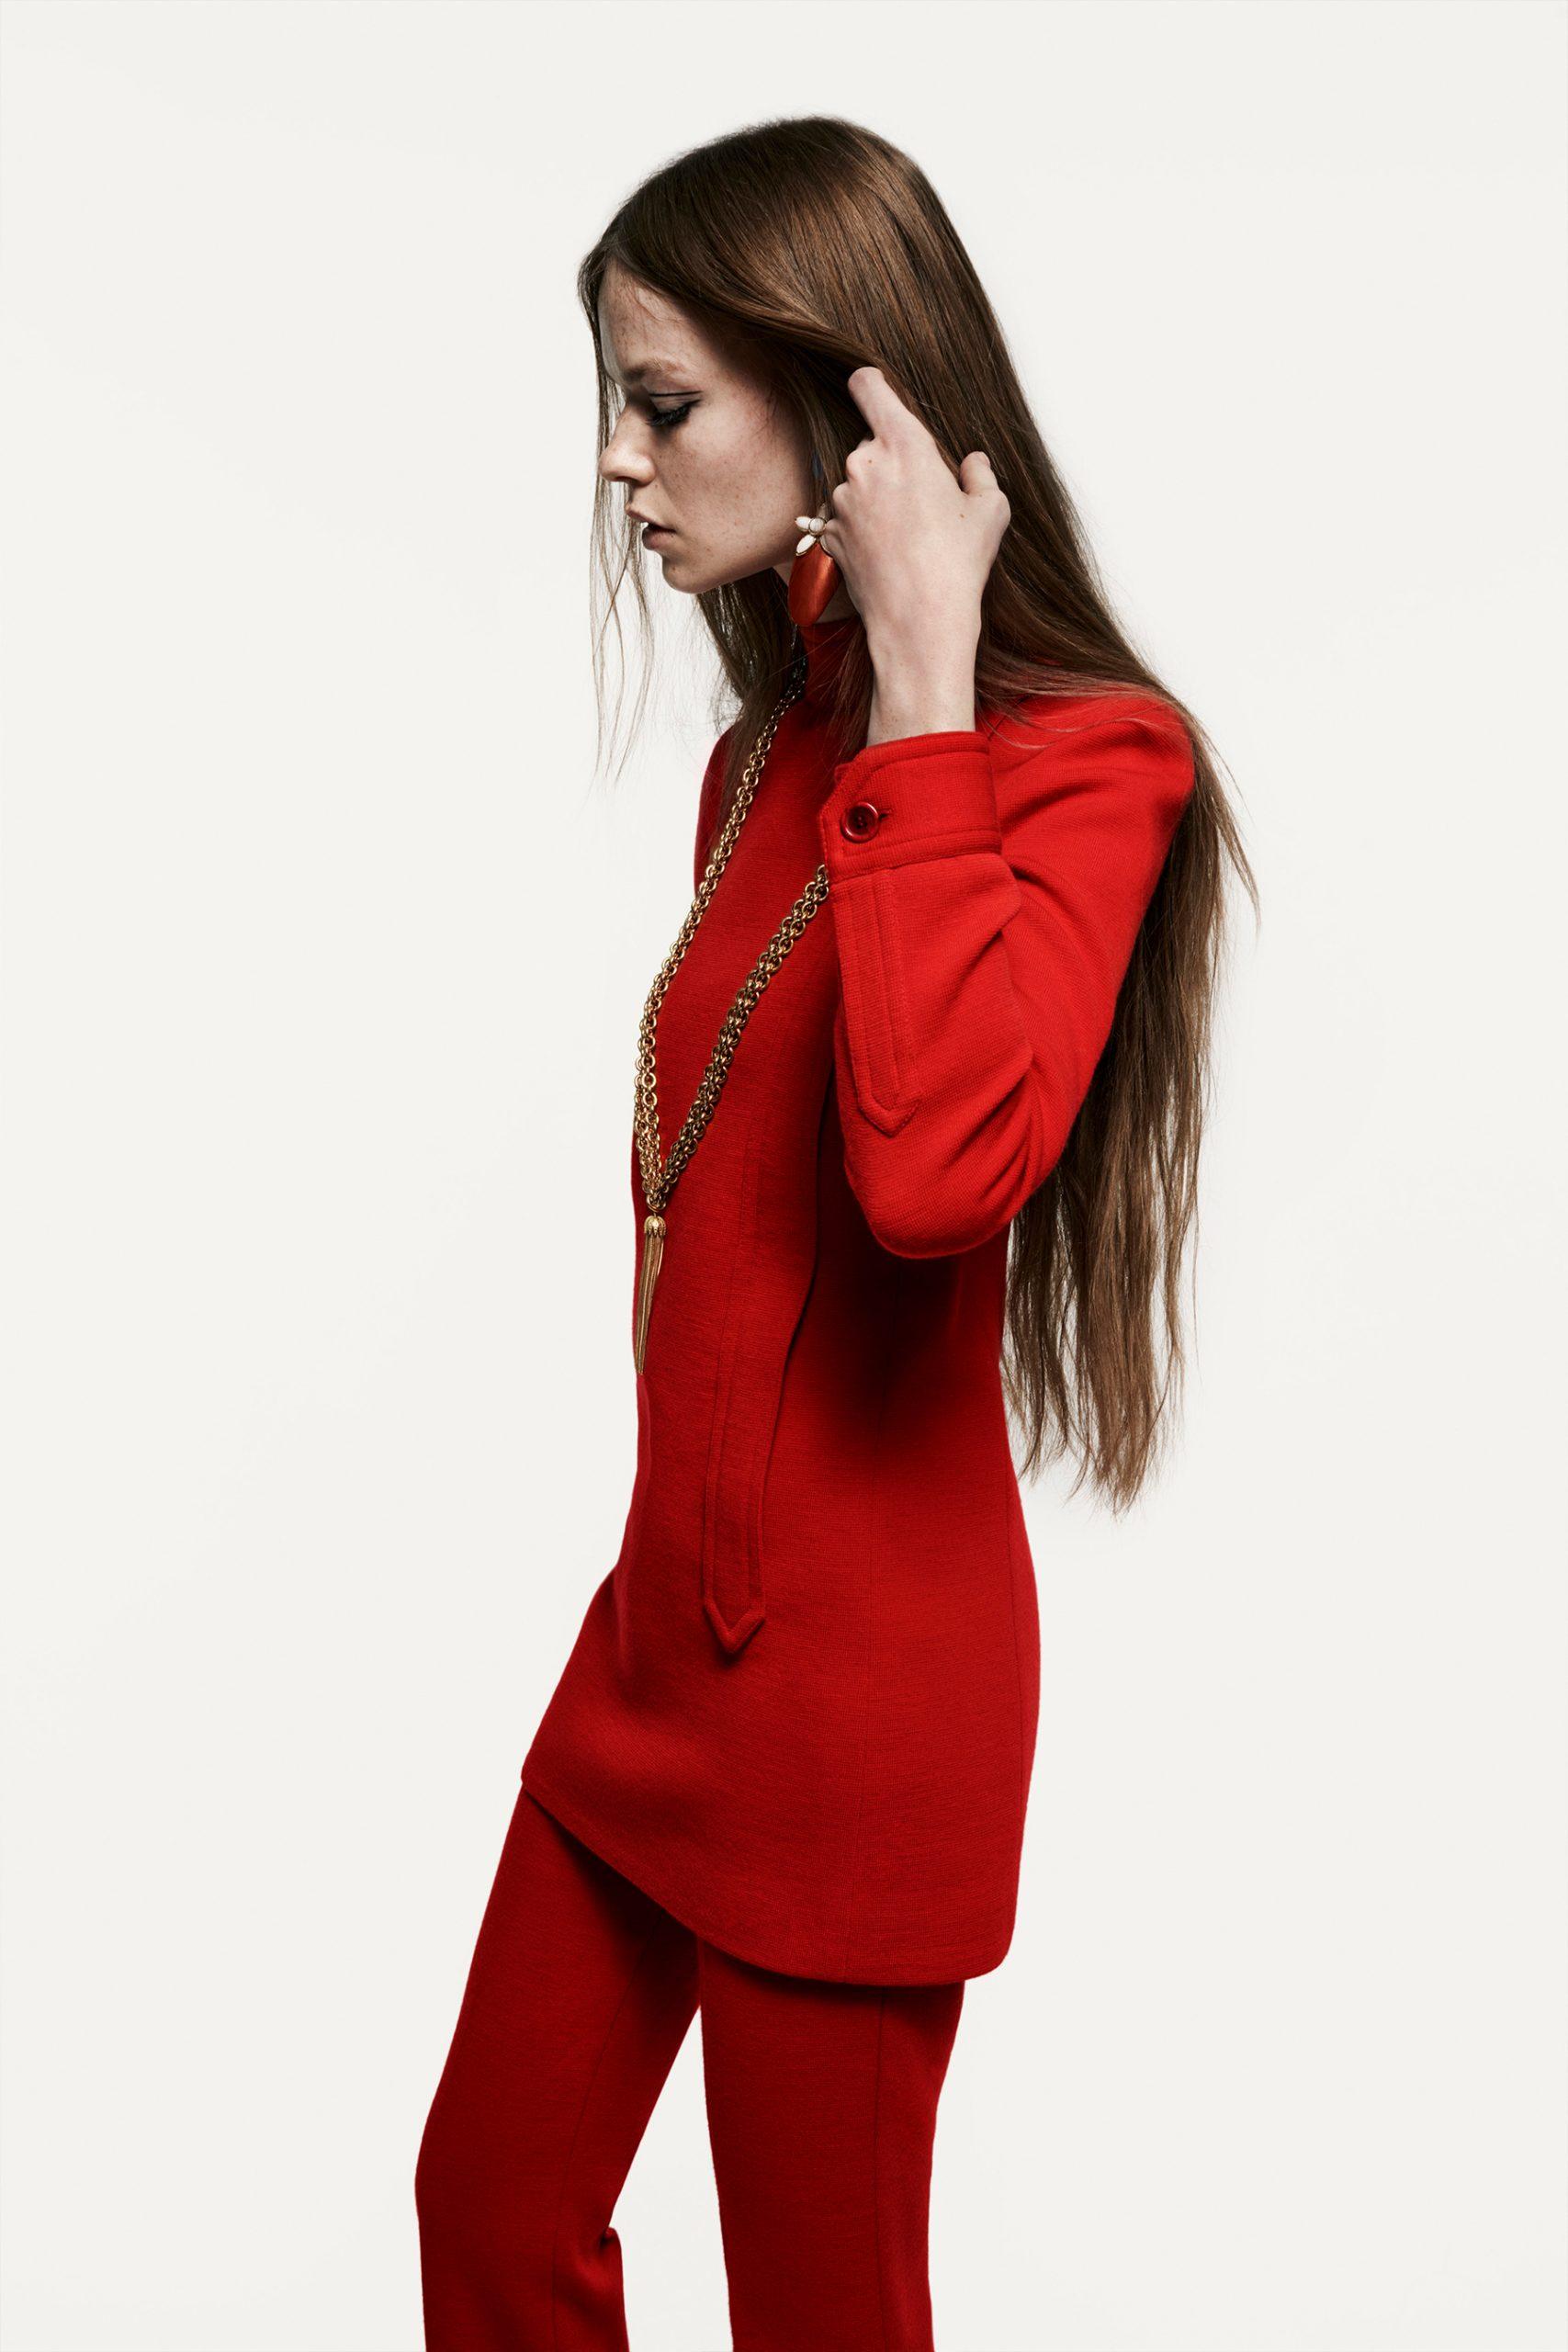 Saint Laurent Spring 2021 Fashion Show Photos